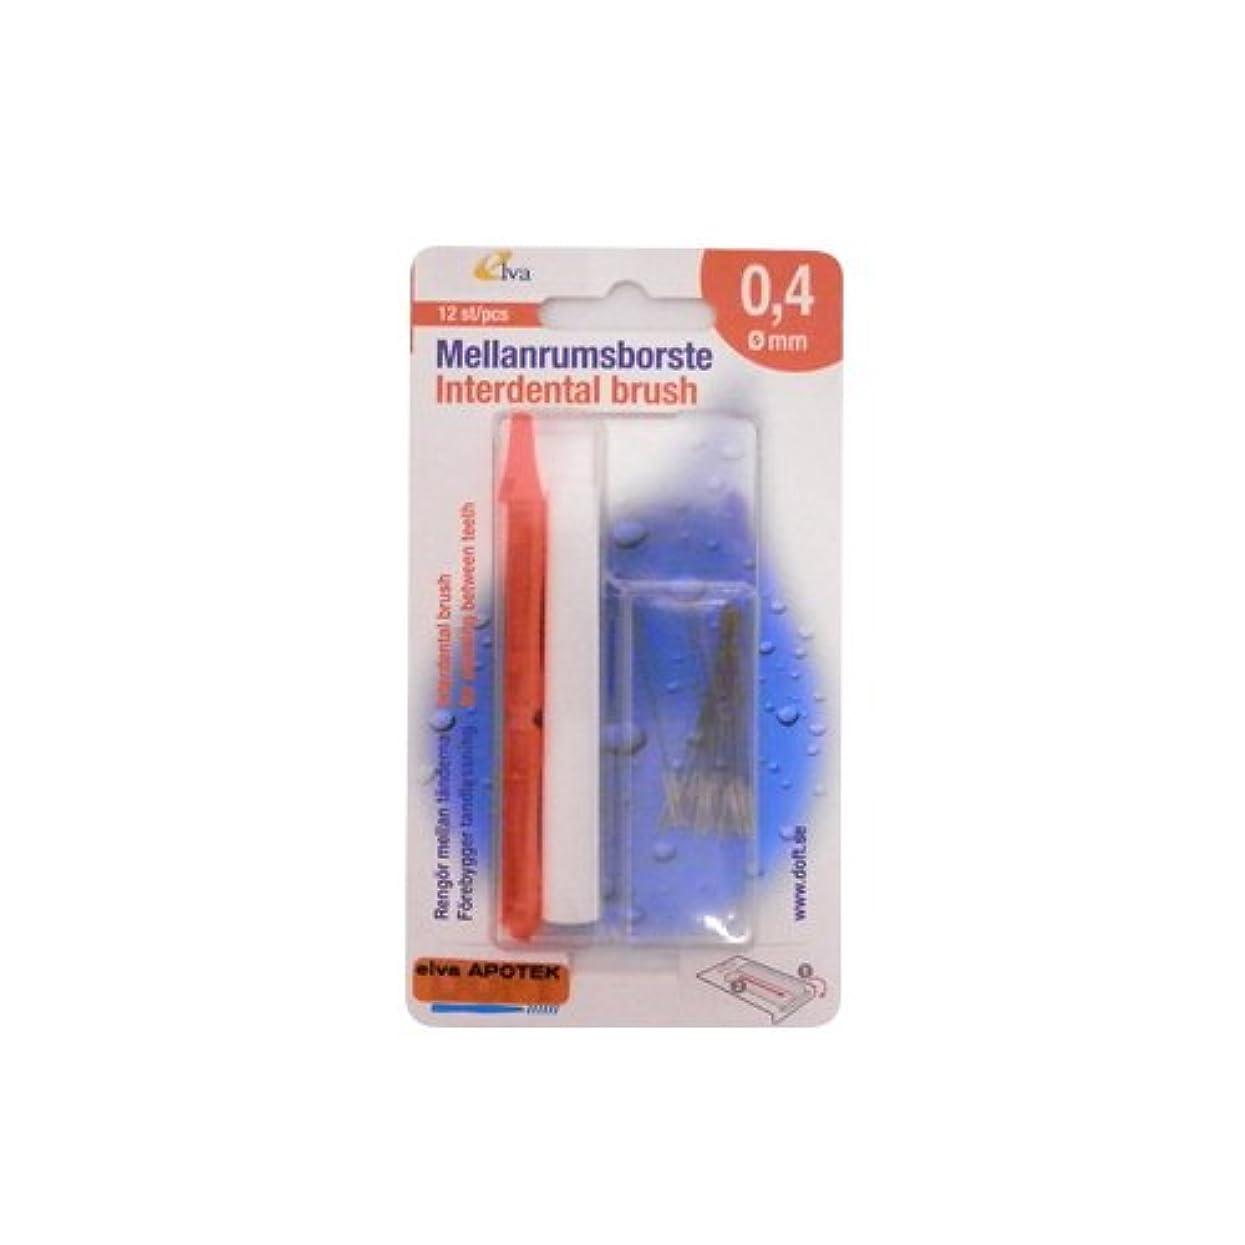 軽蔑する立派な異形エルバ アポテック 歯間ブラシ ELVA APOTEK 12本入 オレンジ 0.4mm